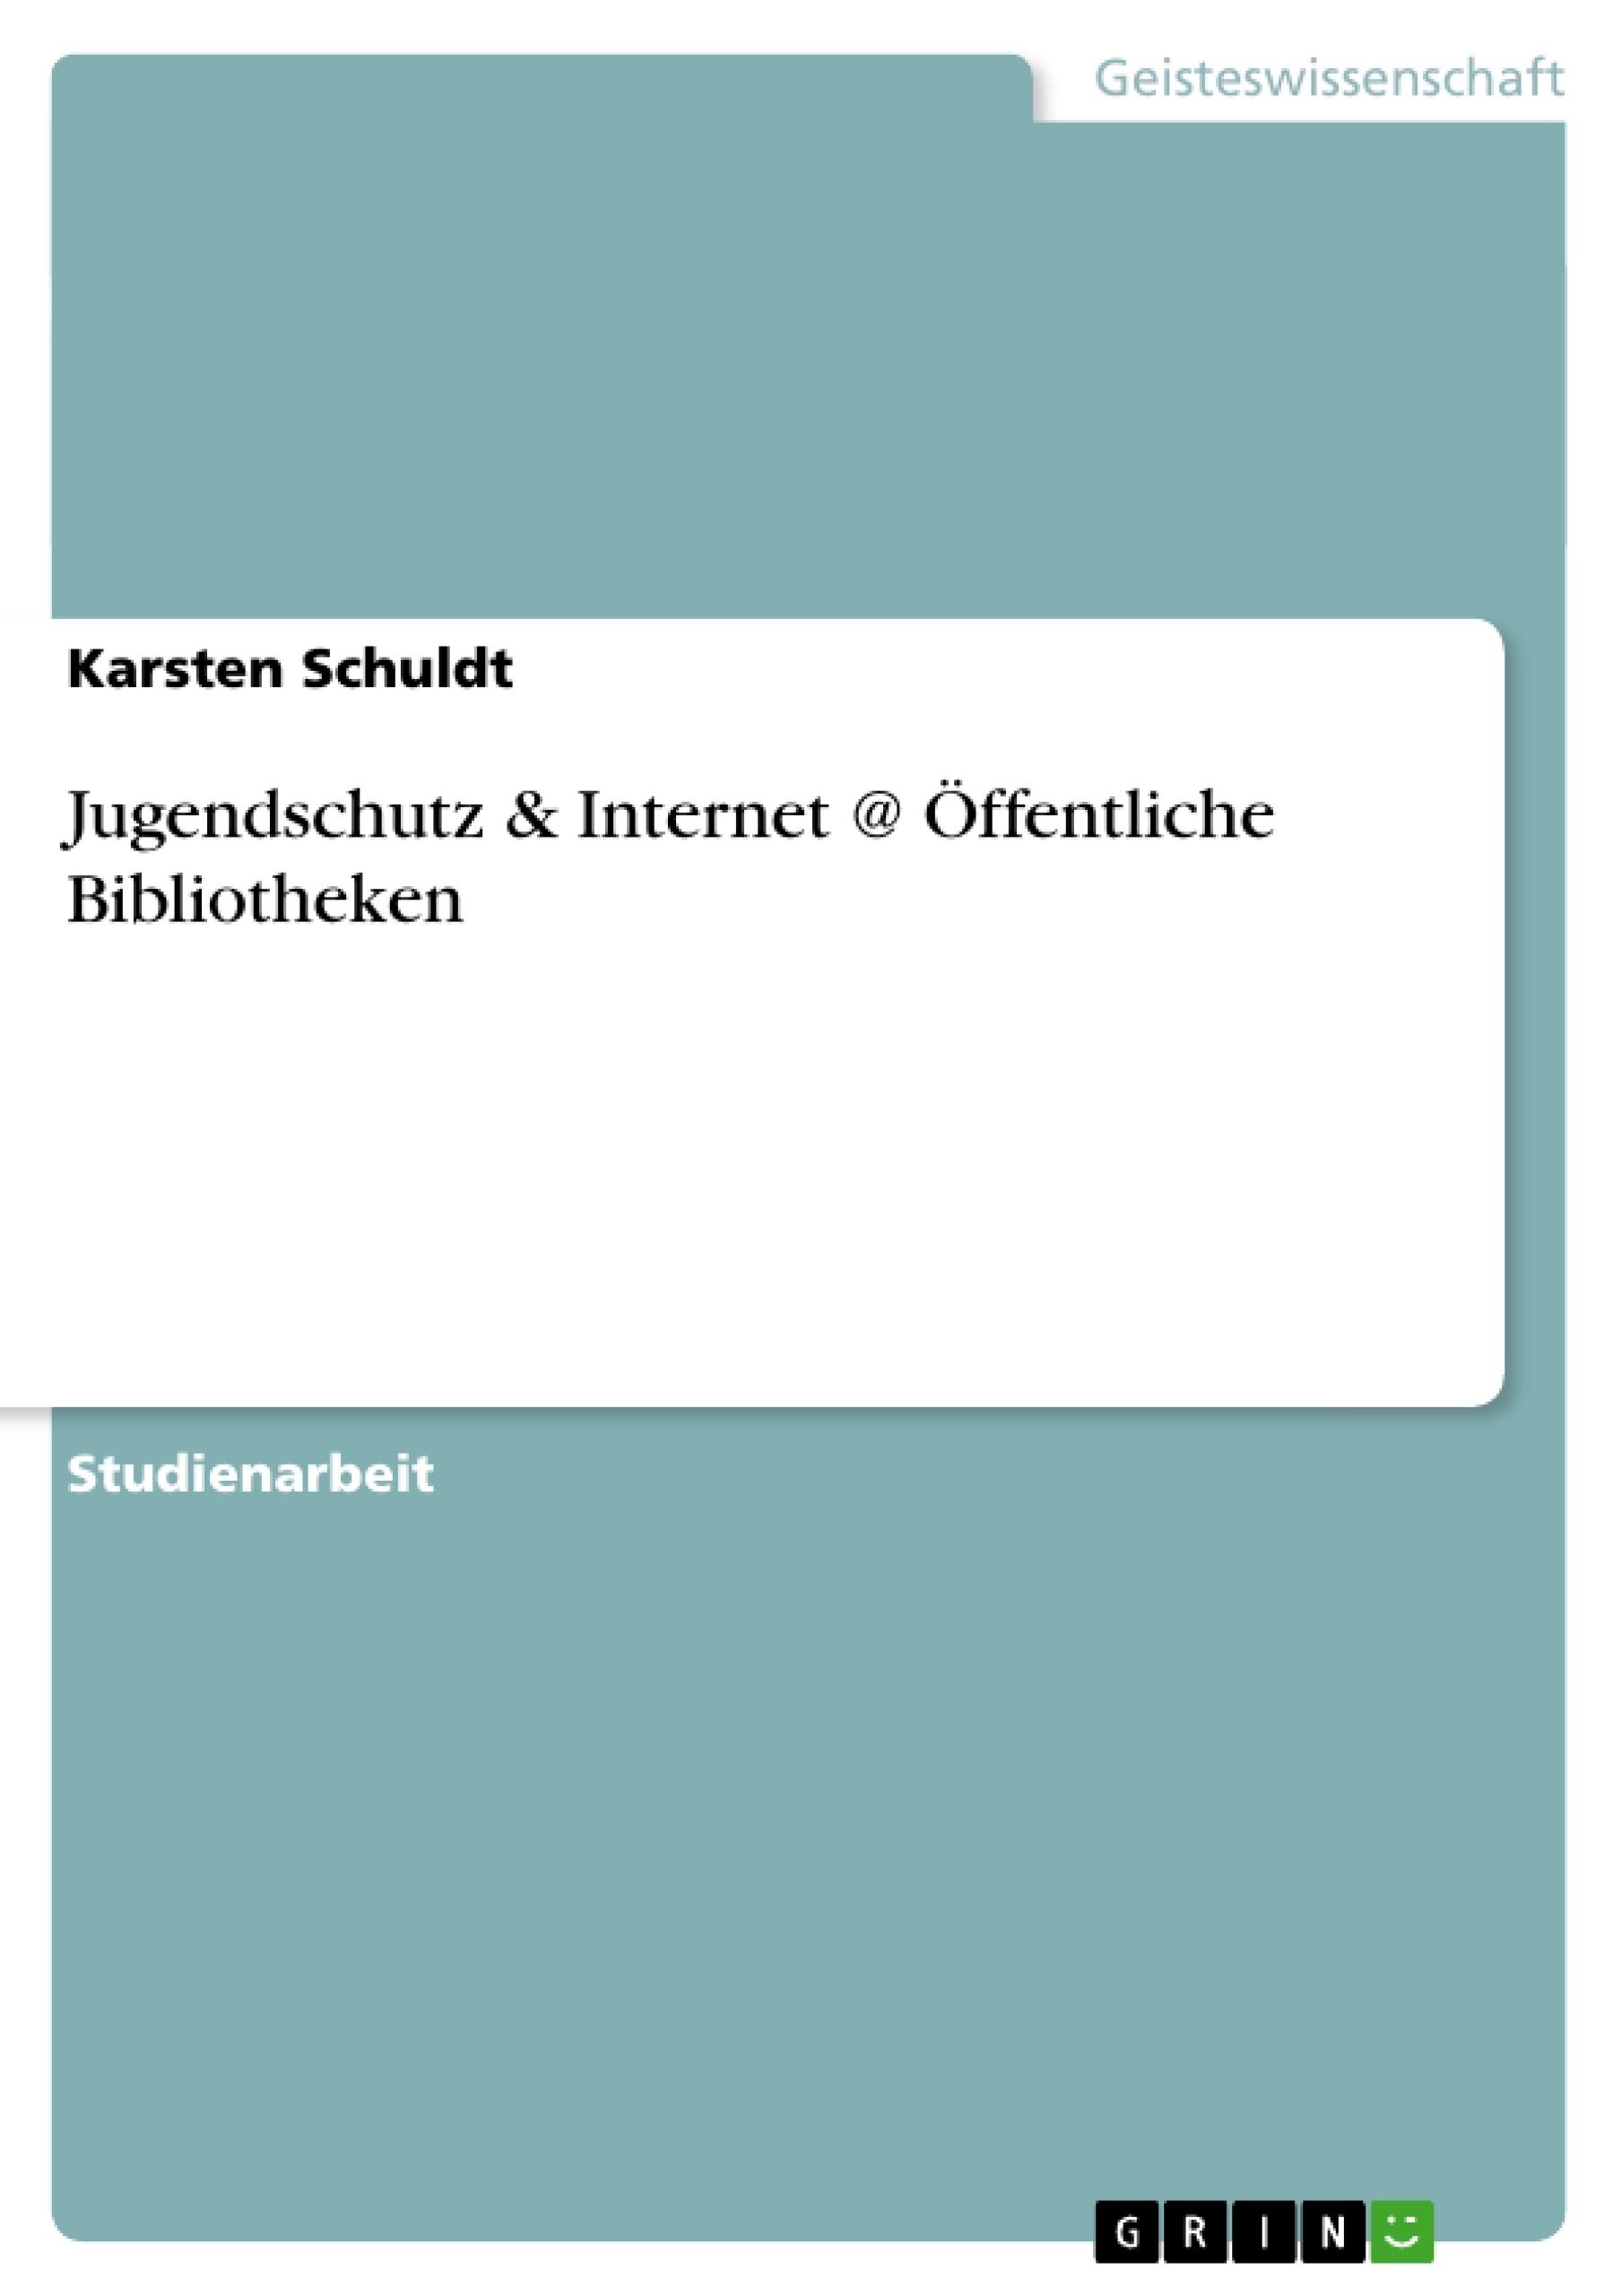 Titel: Jugendschutz & Internet @ Öffentliche Bibliotheken